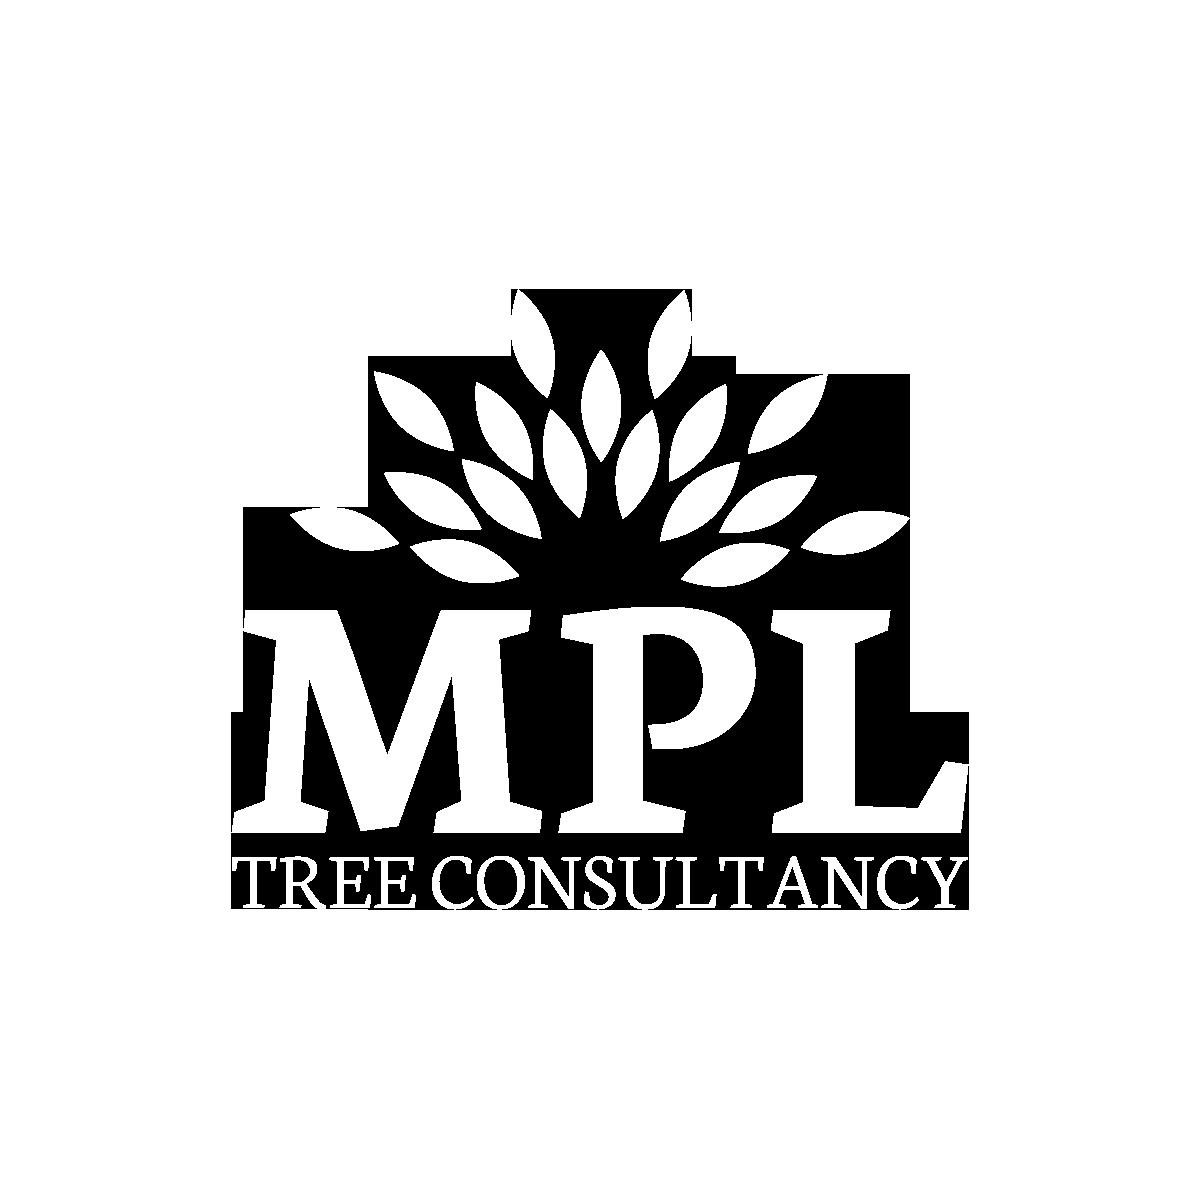 MPL Tree